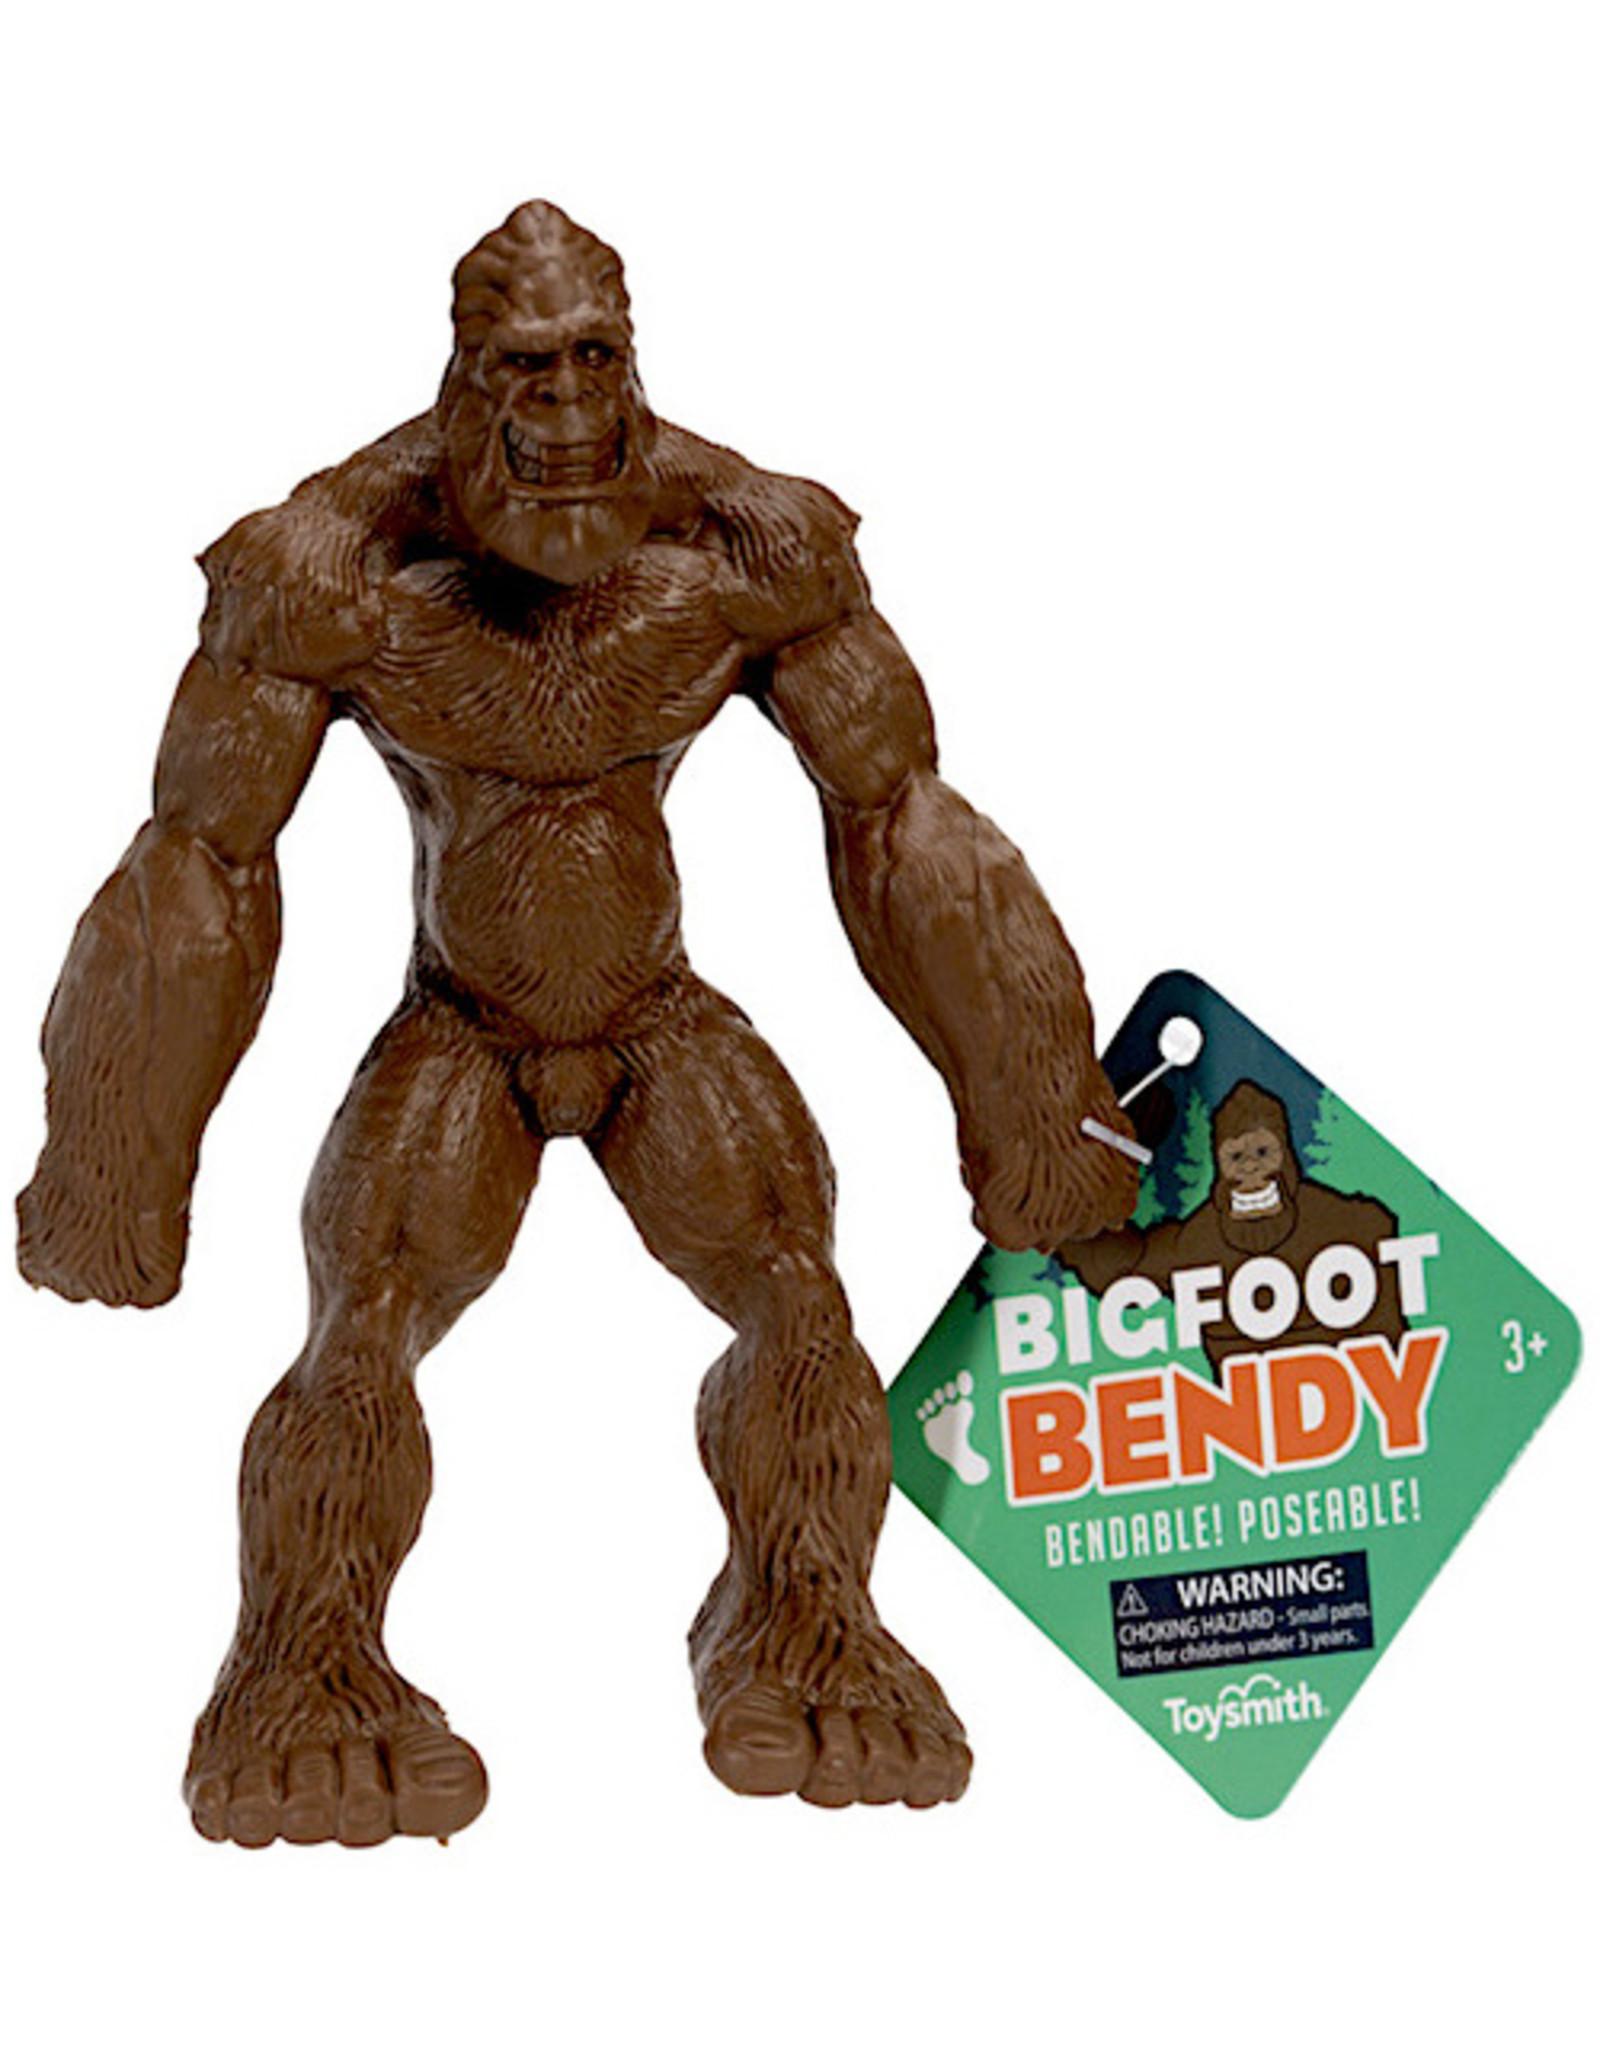 Bigfoot Bendy